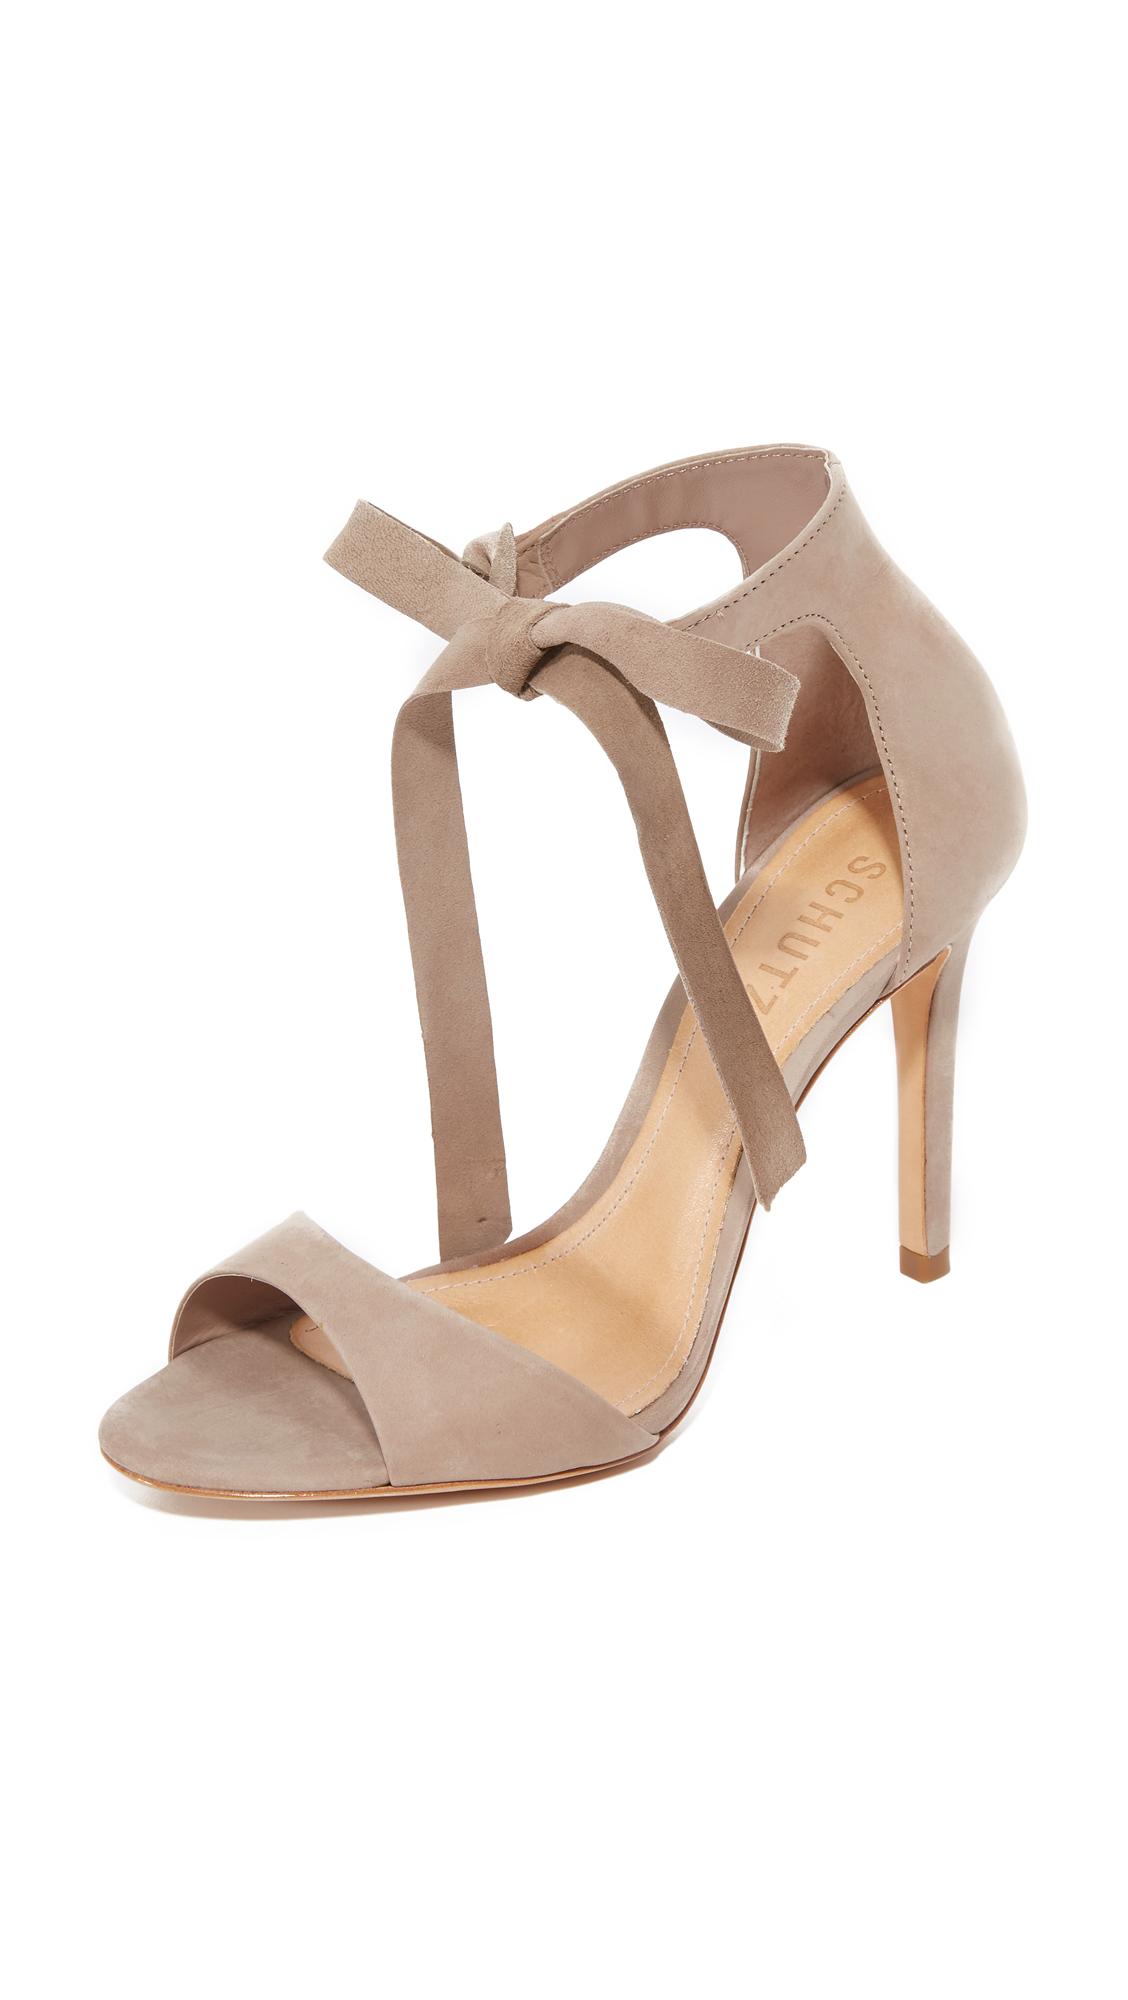 Schutz Rene Tie Sandals | SHOPBOP